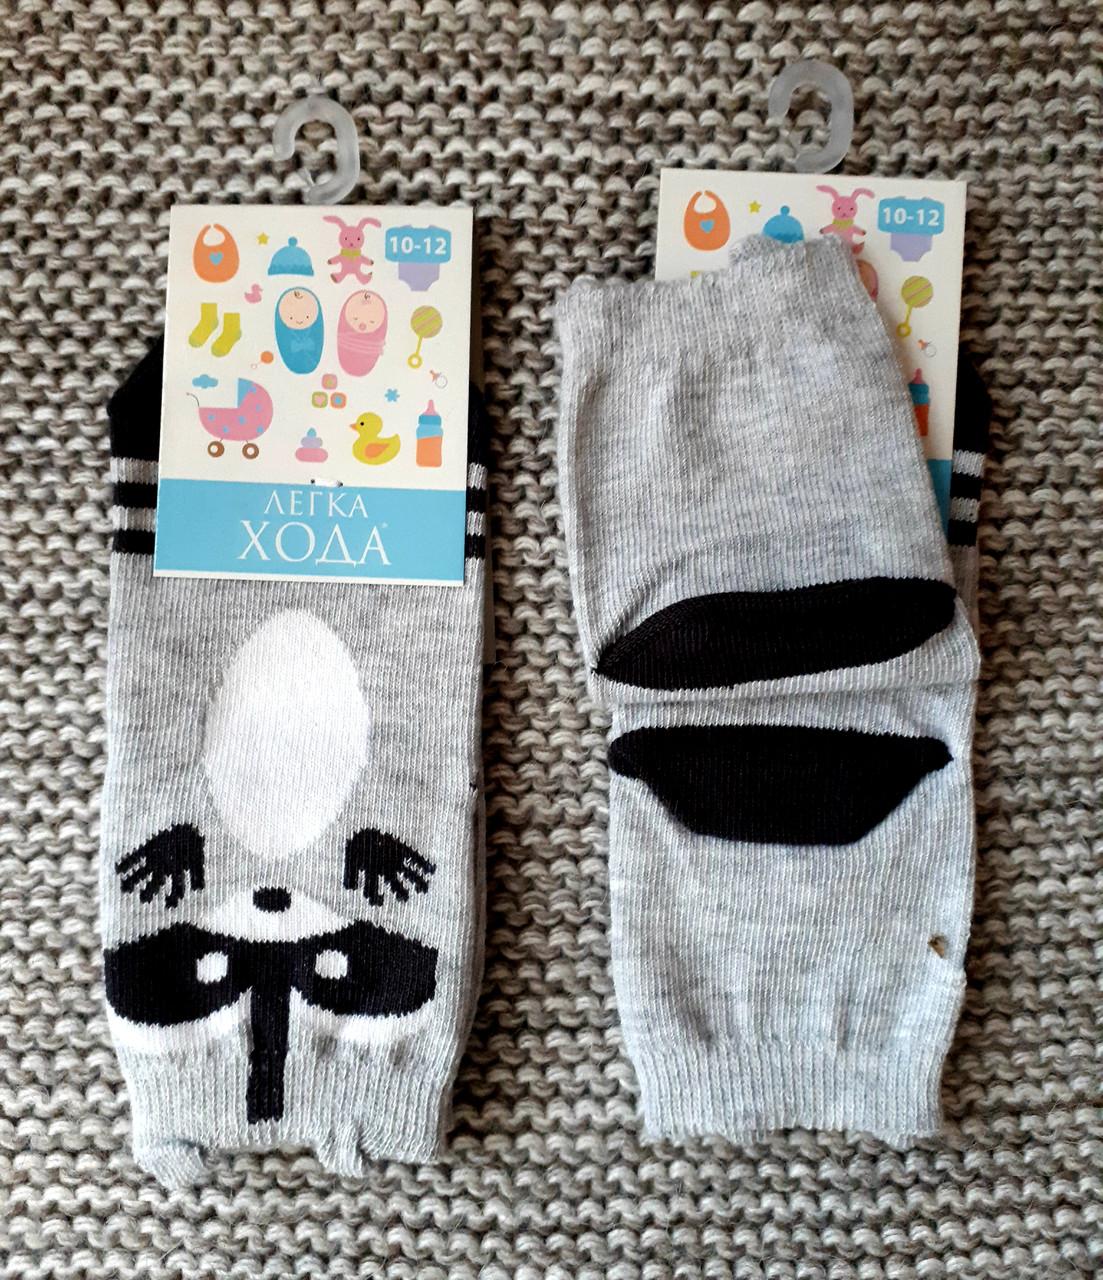 Носочки хлопковые детские серого цвета  ТМ Легка хода  (Украина)  размер 10 12